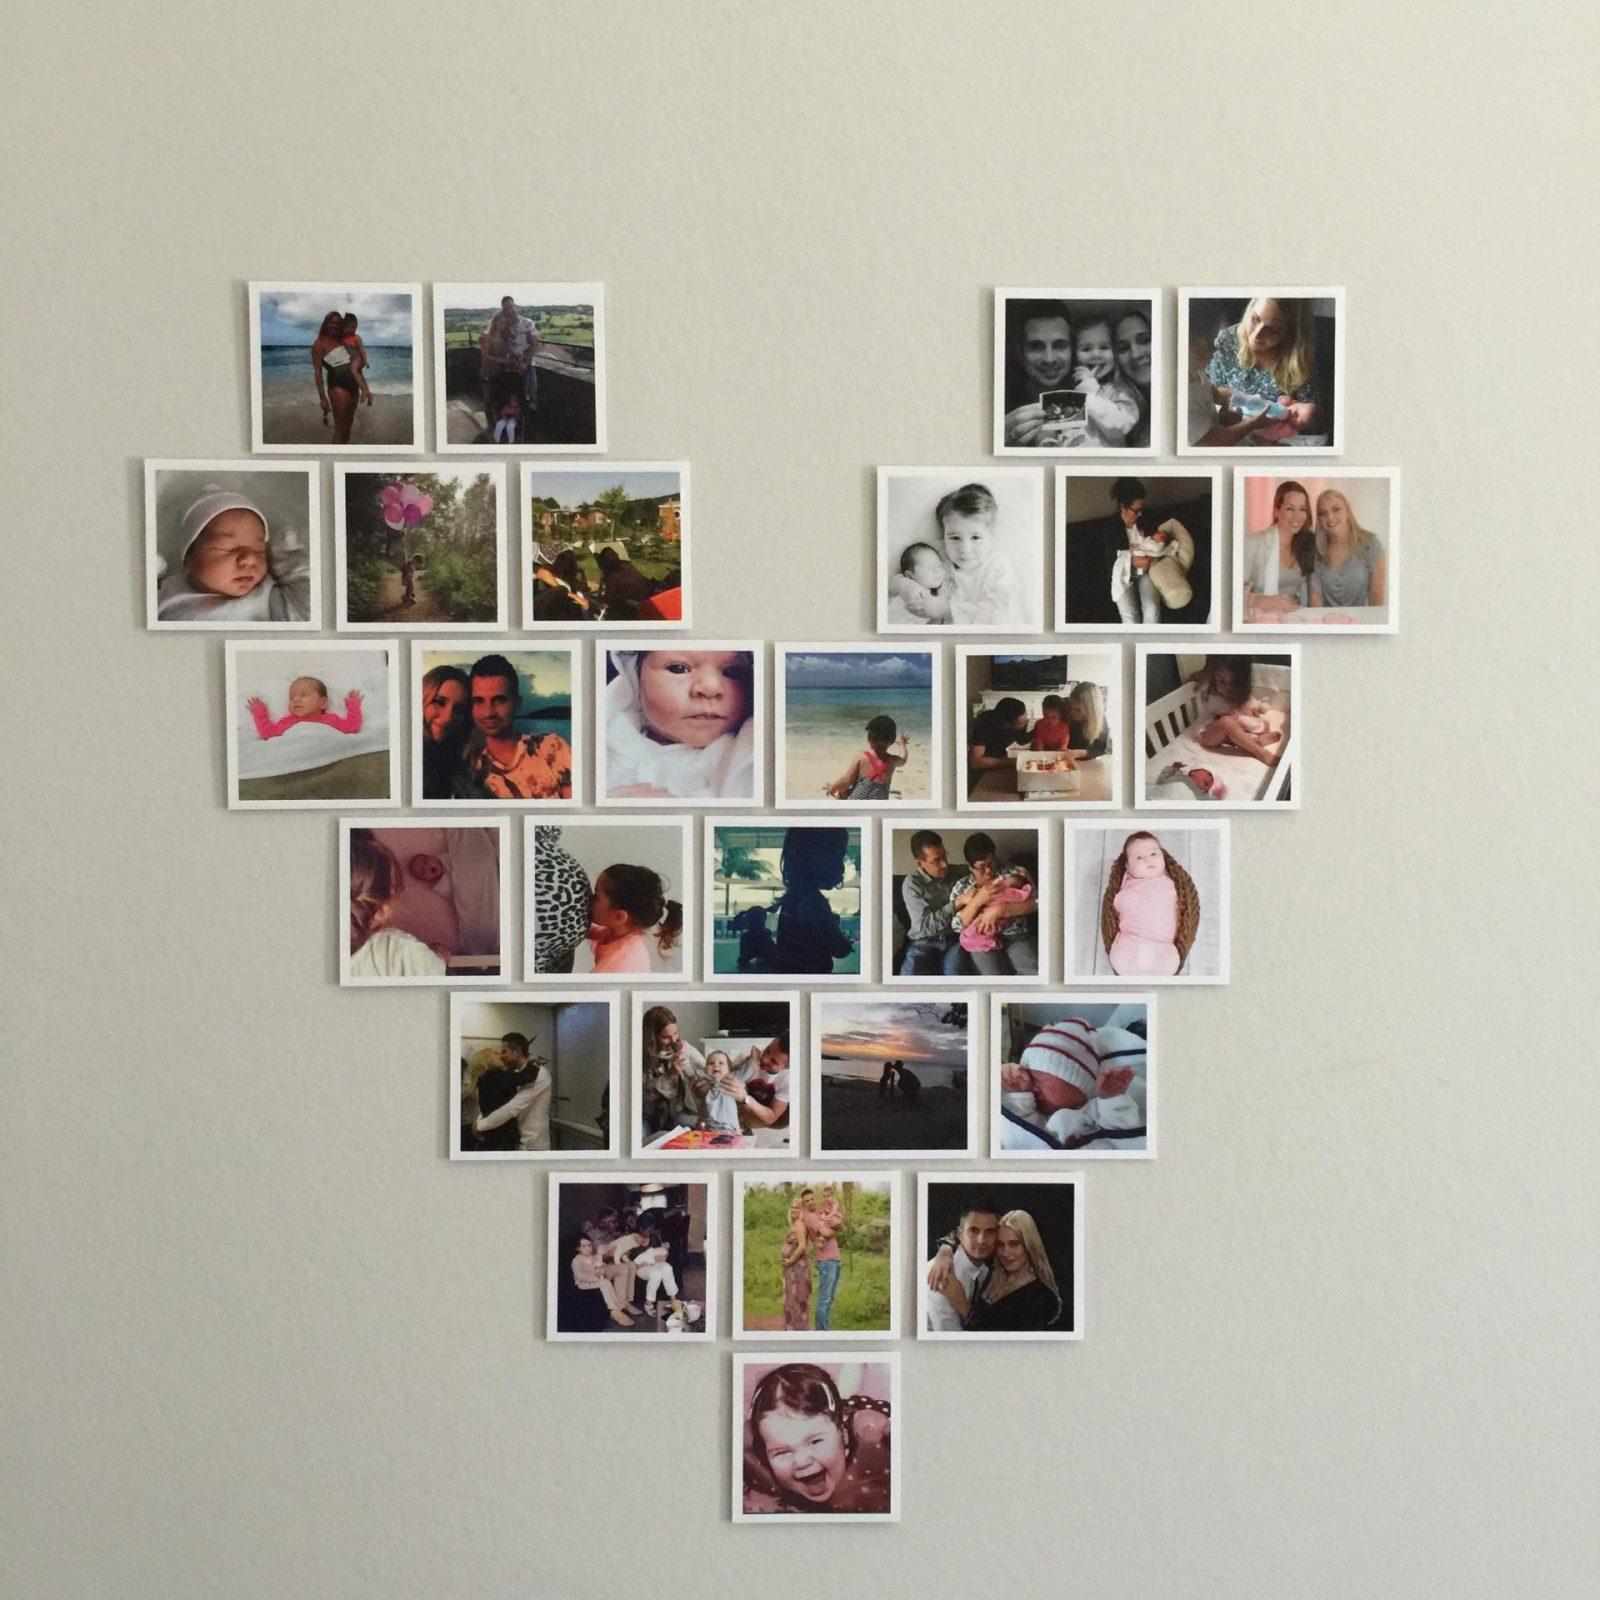 DIY: Maak een fotocollage van je meest favoriete foto's via Hema Mobile Print